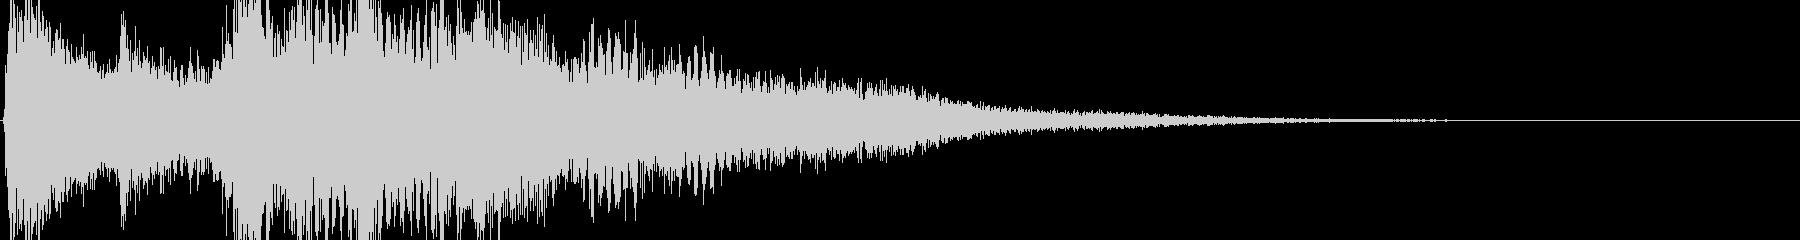 サウンドロゴクリックスタート音の未再生の波形